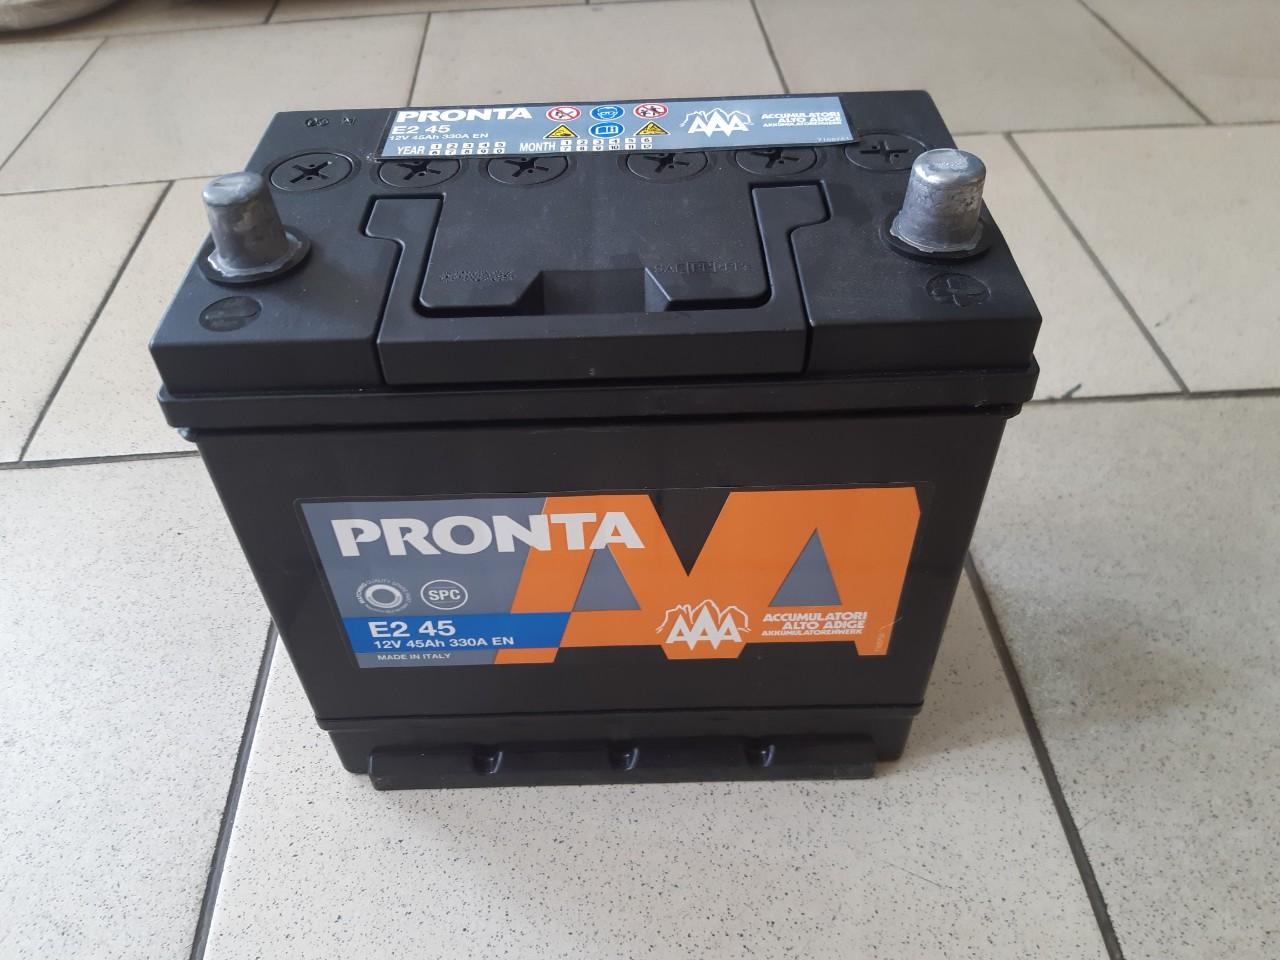 Acumulator 12V 45Ah (360 EN) AAA (-   +)  asia photo